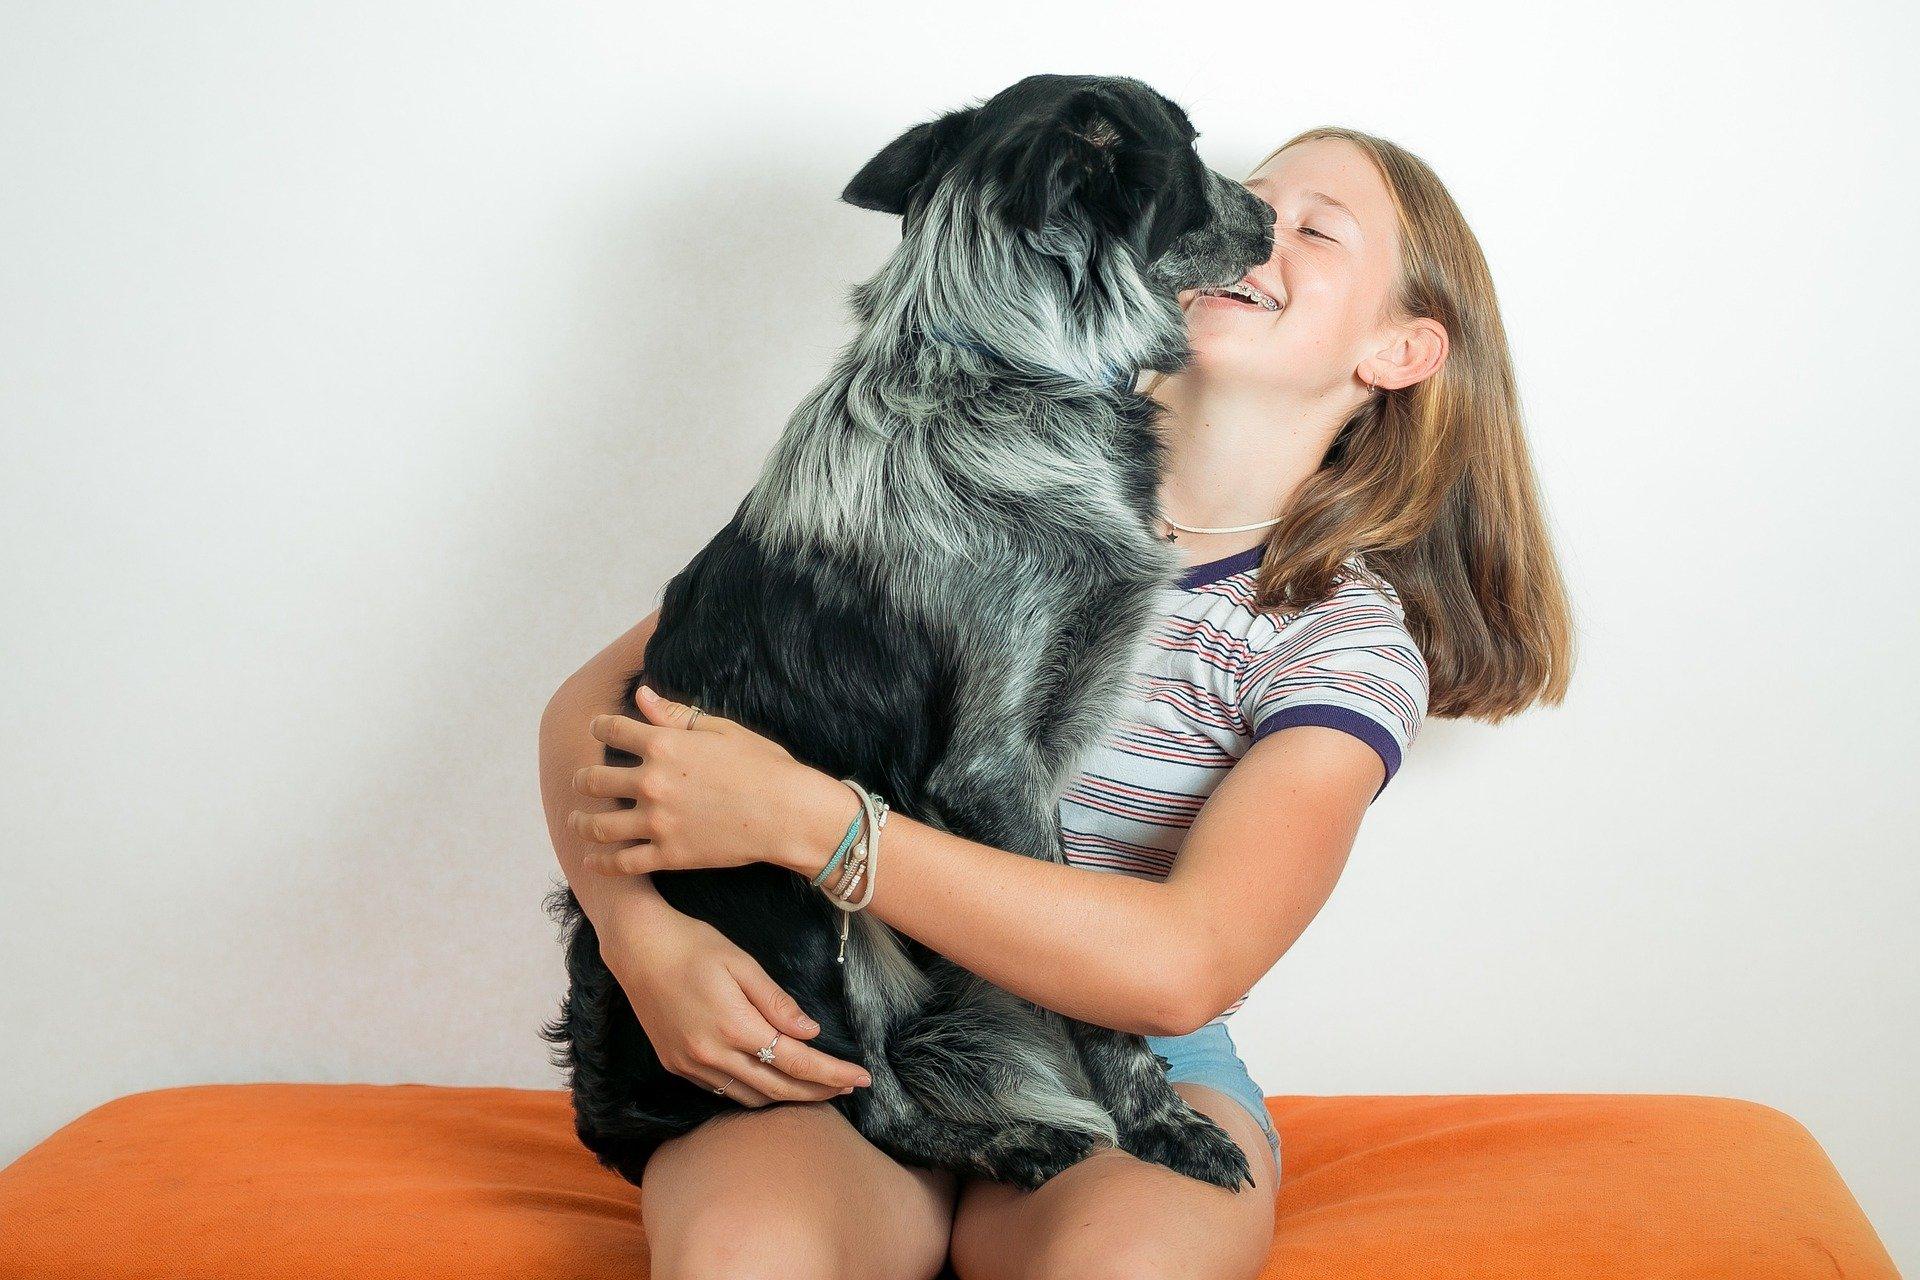 Trening z psem powinien być zabawą dla obu stron. Najlepsze rezultaty uzyskuje się poprzez pochwały i nagrody, nie kary.